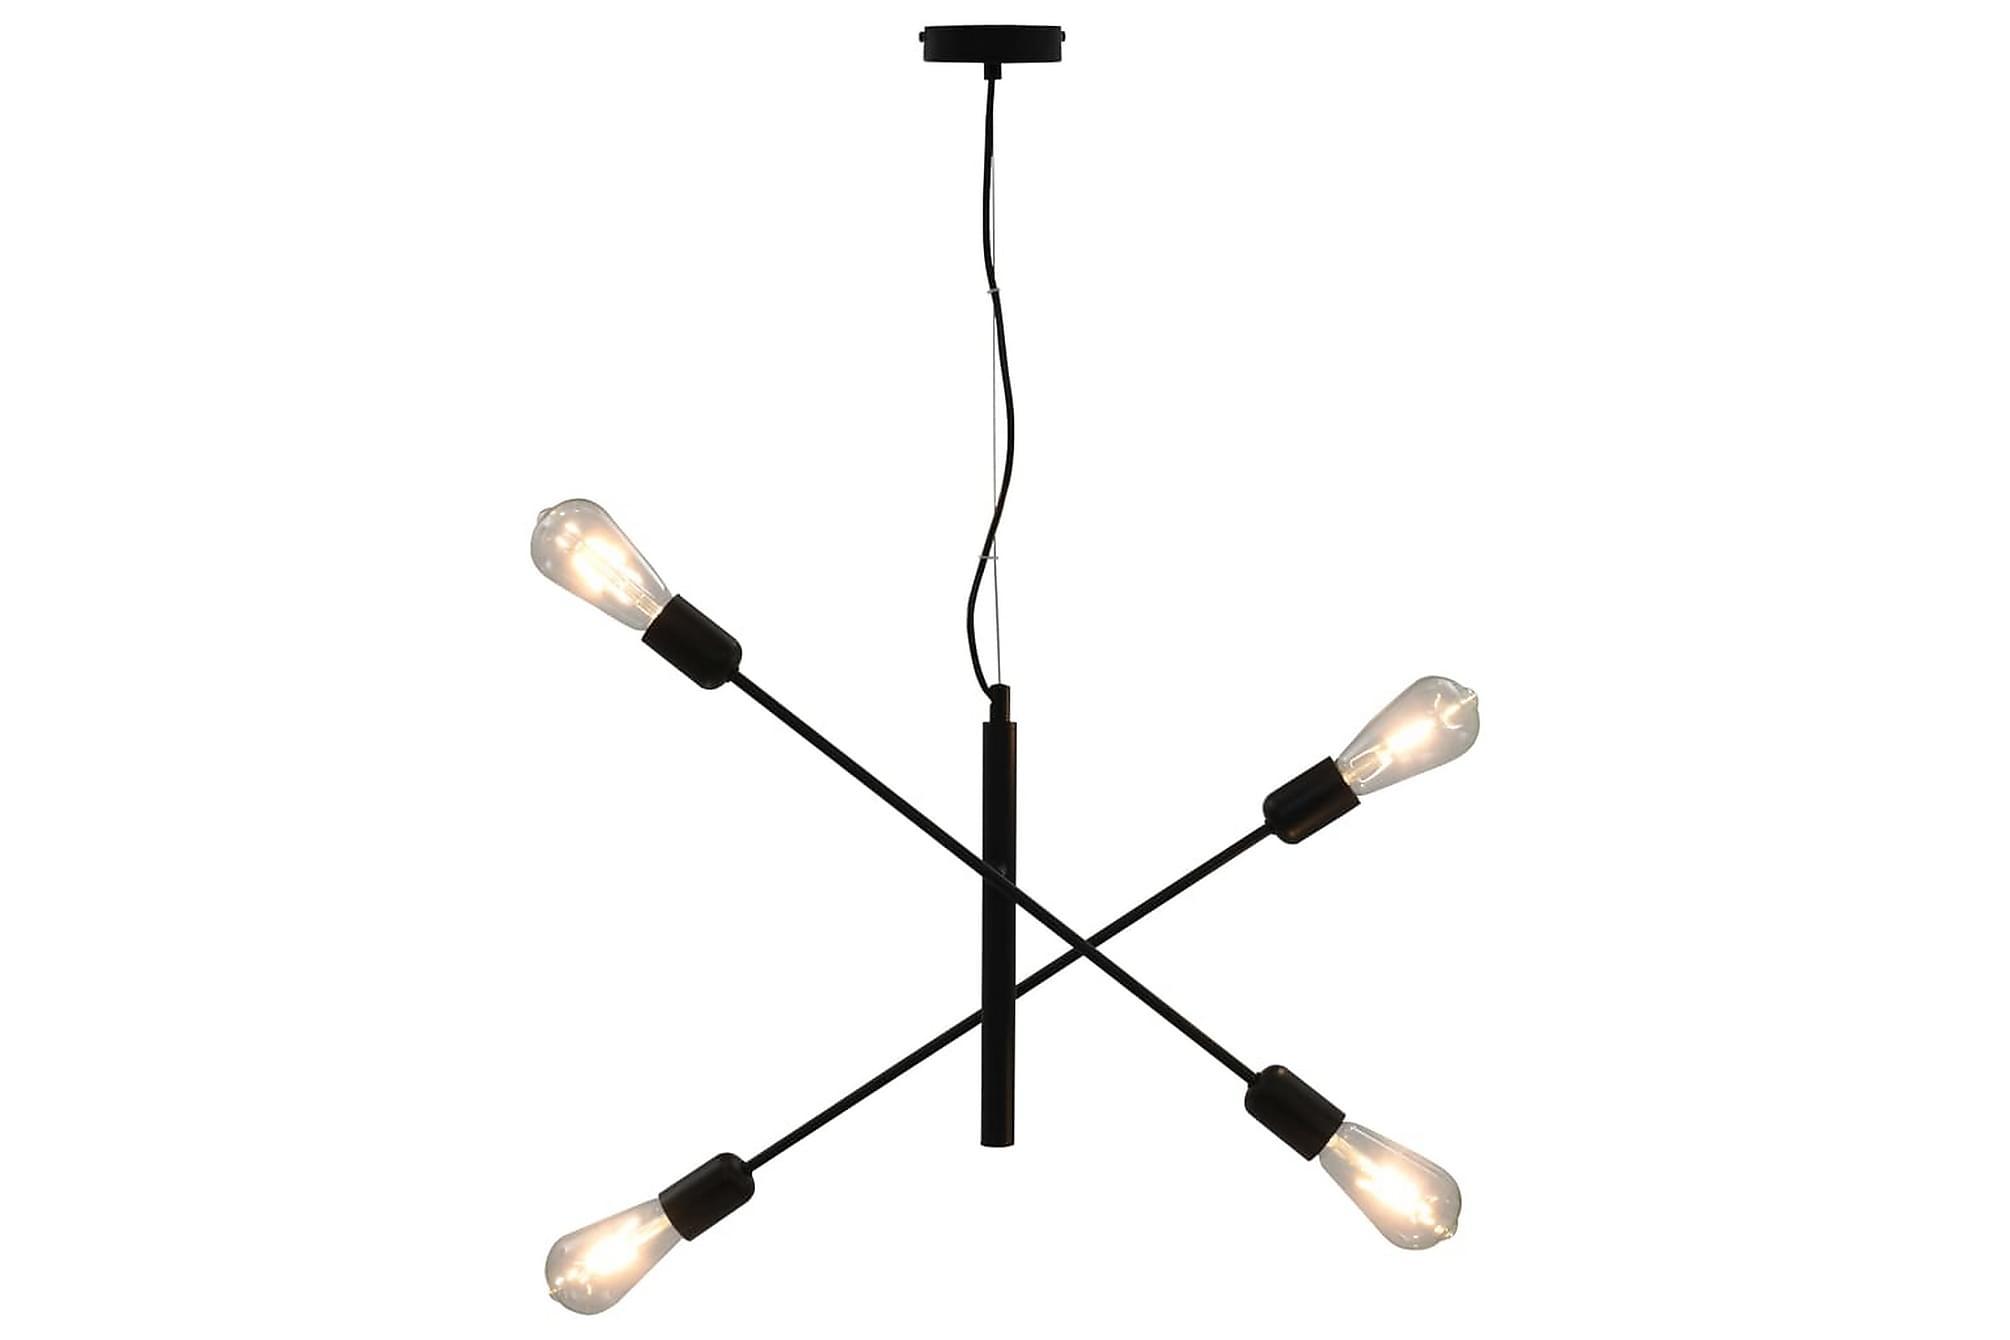 Taklampa med glödlampor 2 W svart E27, Taklampor